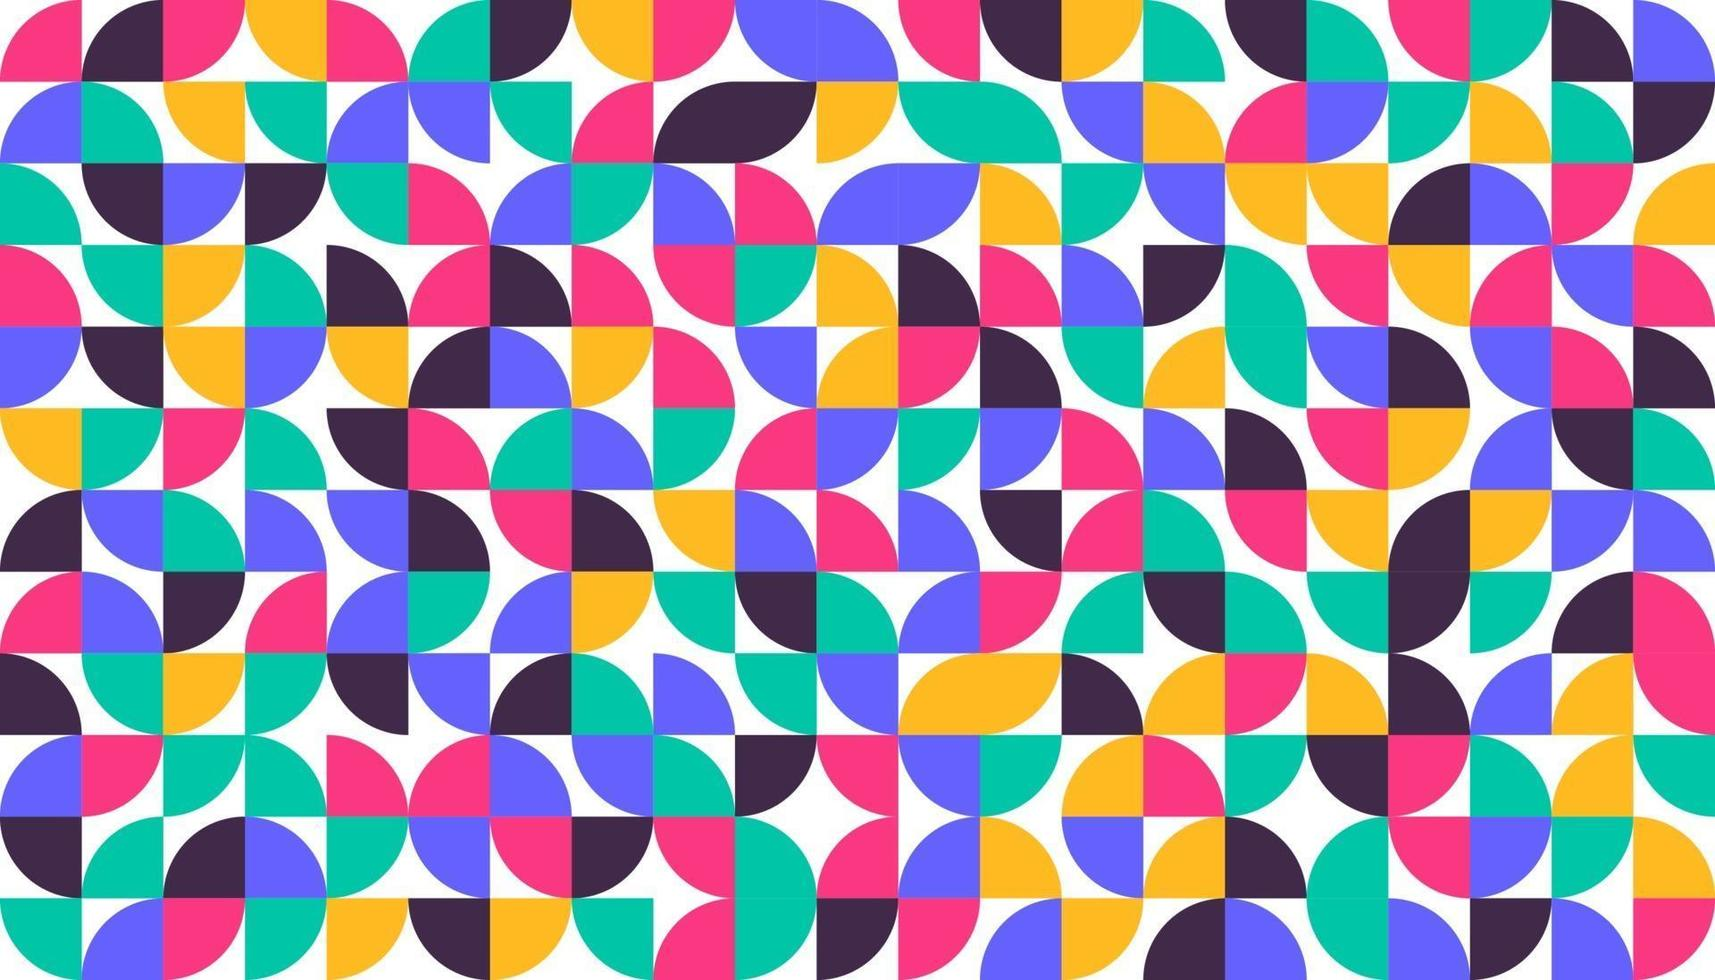 affiche d'art de style minimaliste géométrique minimaliste conception de modèle abstrait dans un style scandinave vecteur